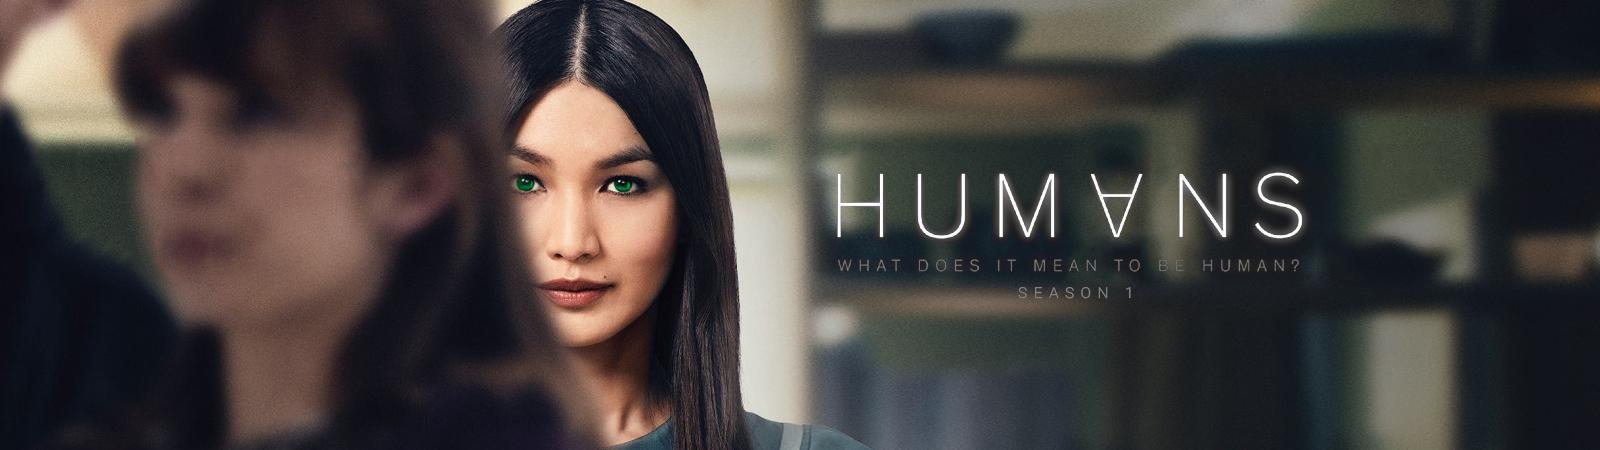 Humans - Season 1